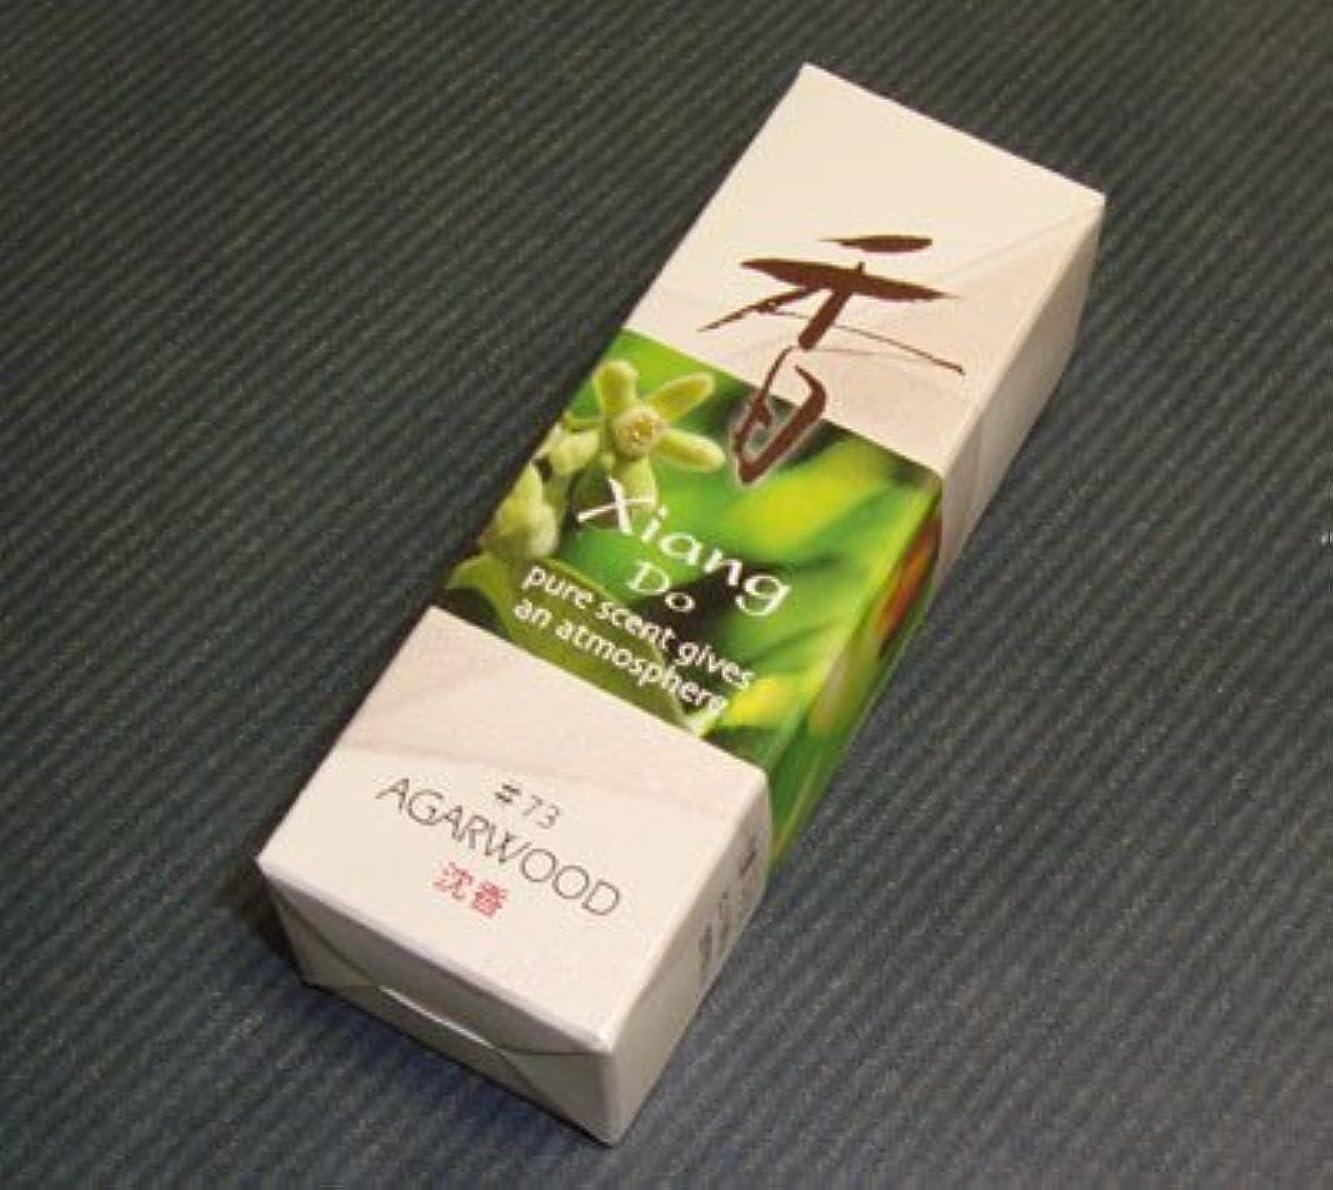 遠え最高お互い沈水香木の落着いた香りです 松栄堂【Xiang Do アガーウッド】スティック 【お香】